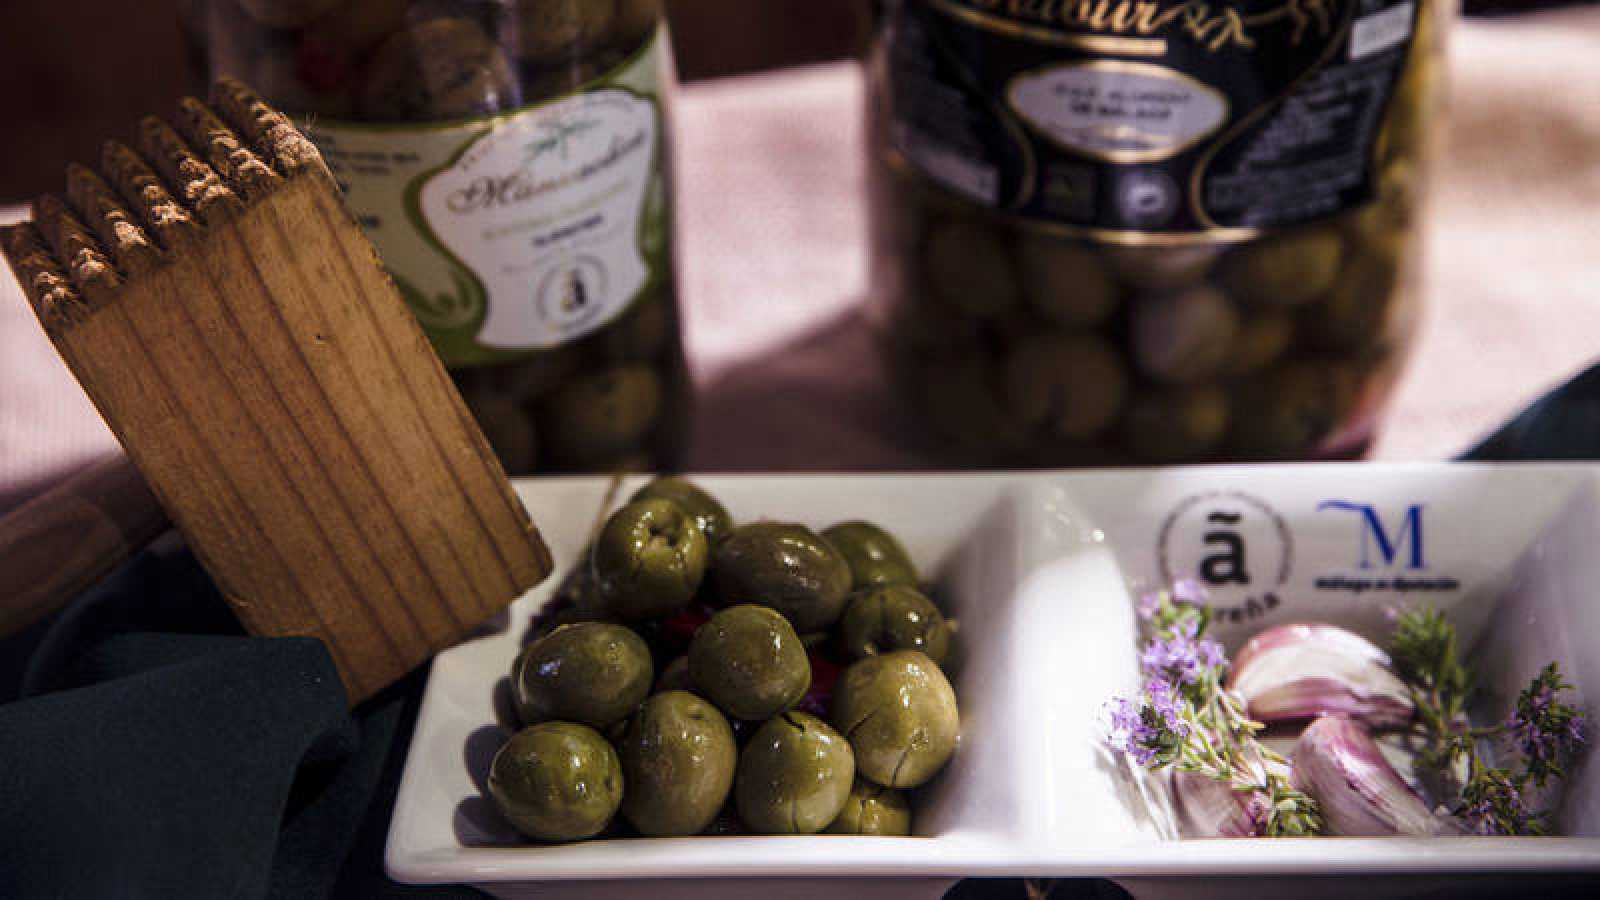 Las aceitunas se encuentran entre los productos españoles que se verán gravados con el 25% desde este viernes